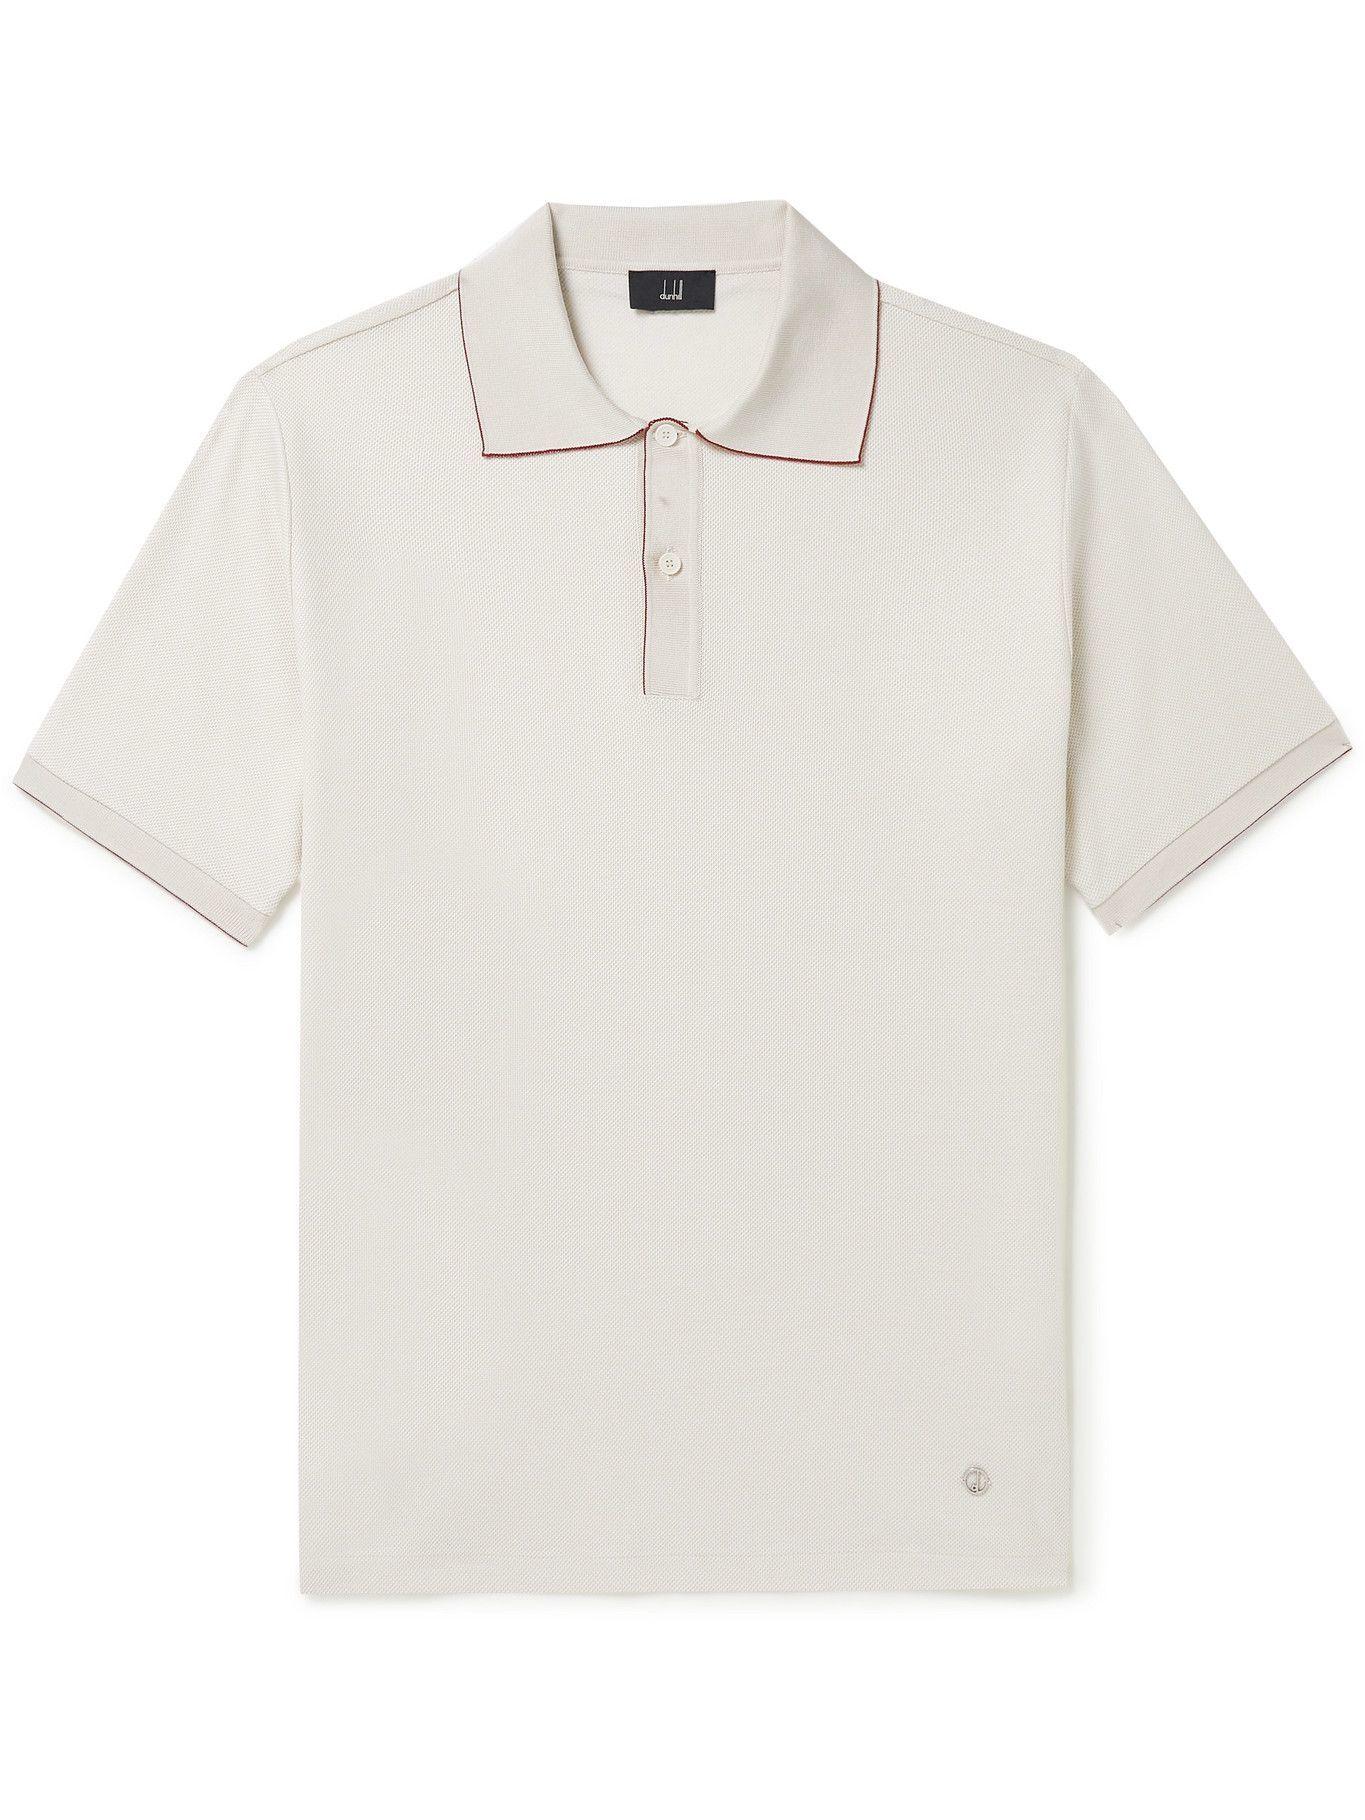 DUNHILL - Cotton-Piqué Polo Shirt - Neutrals